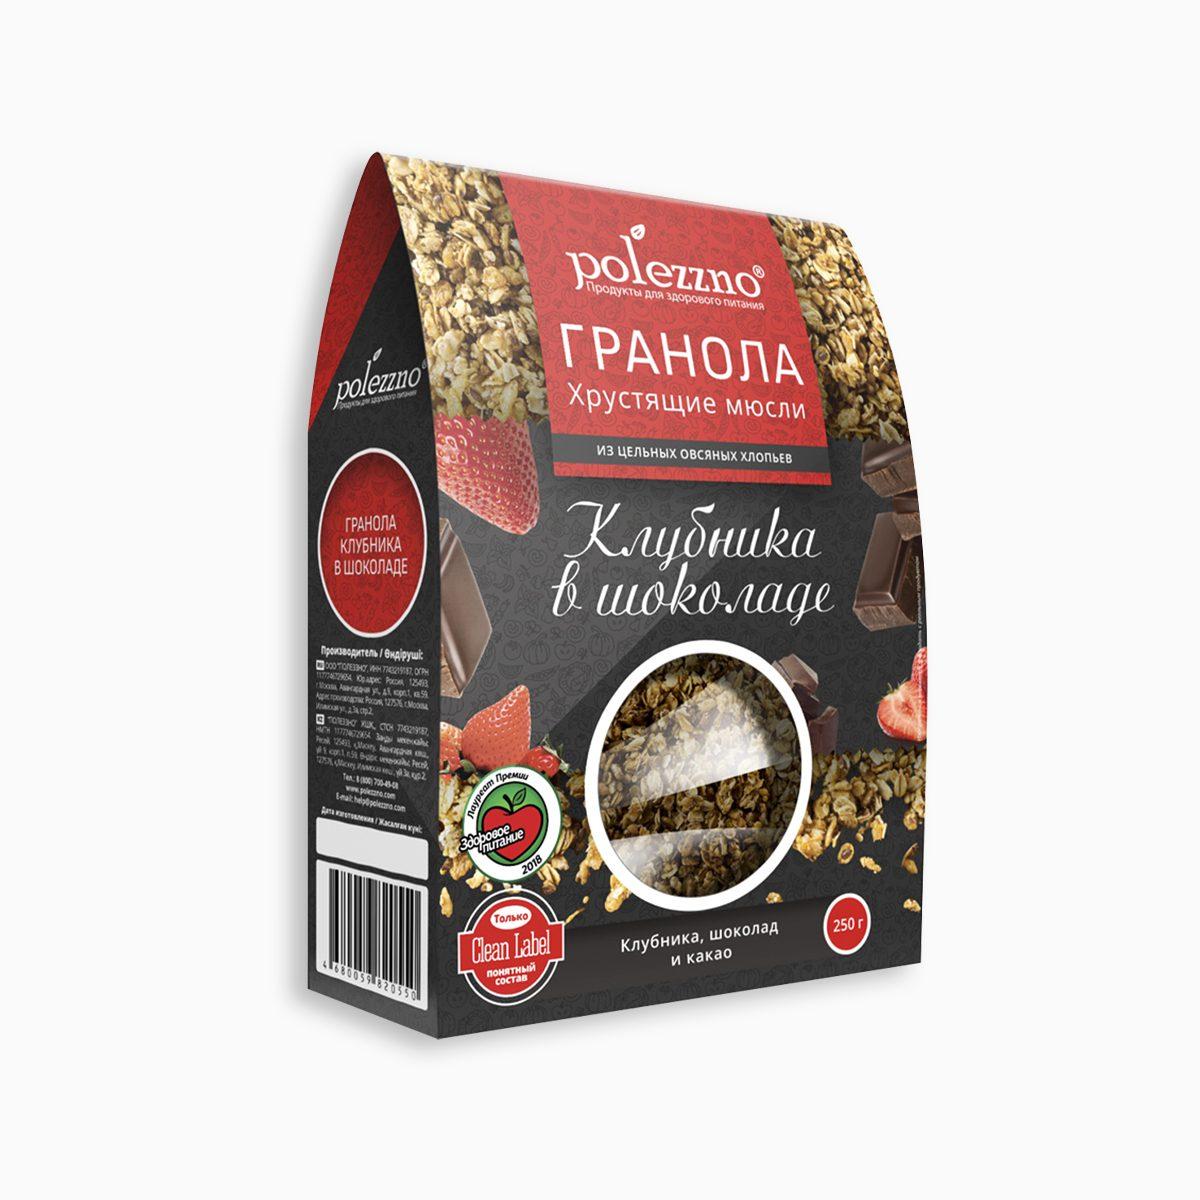 Гранола Клубника в шоколаде, Polezzno